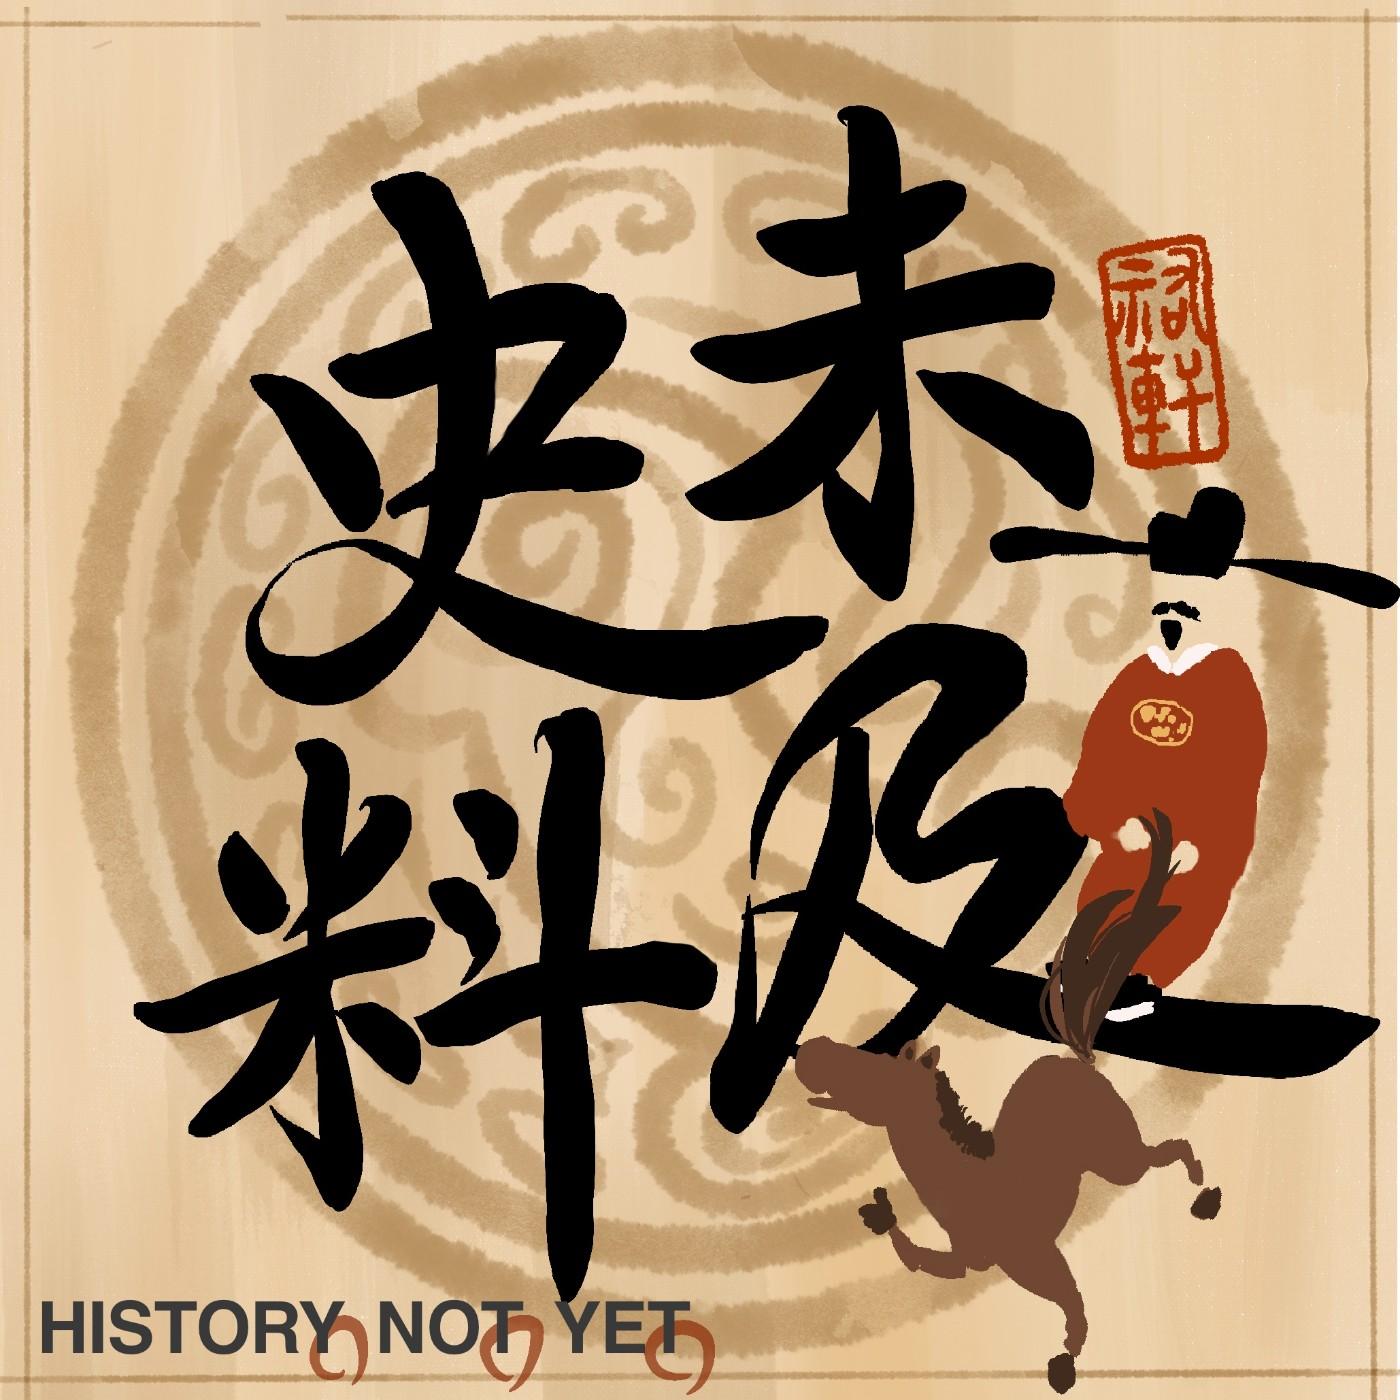 EP 16:拜請王爺三部曲(一) 王爺信仰哪家強?東港東隆宮強!王爺廟比媽祖廟多是否也是父權主義的遺毒?